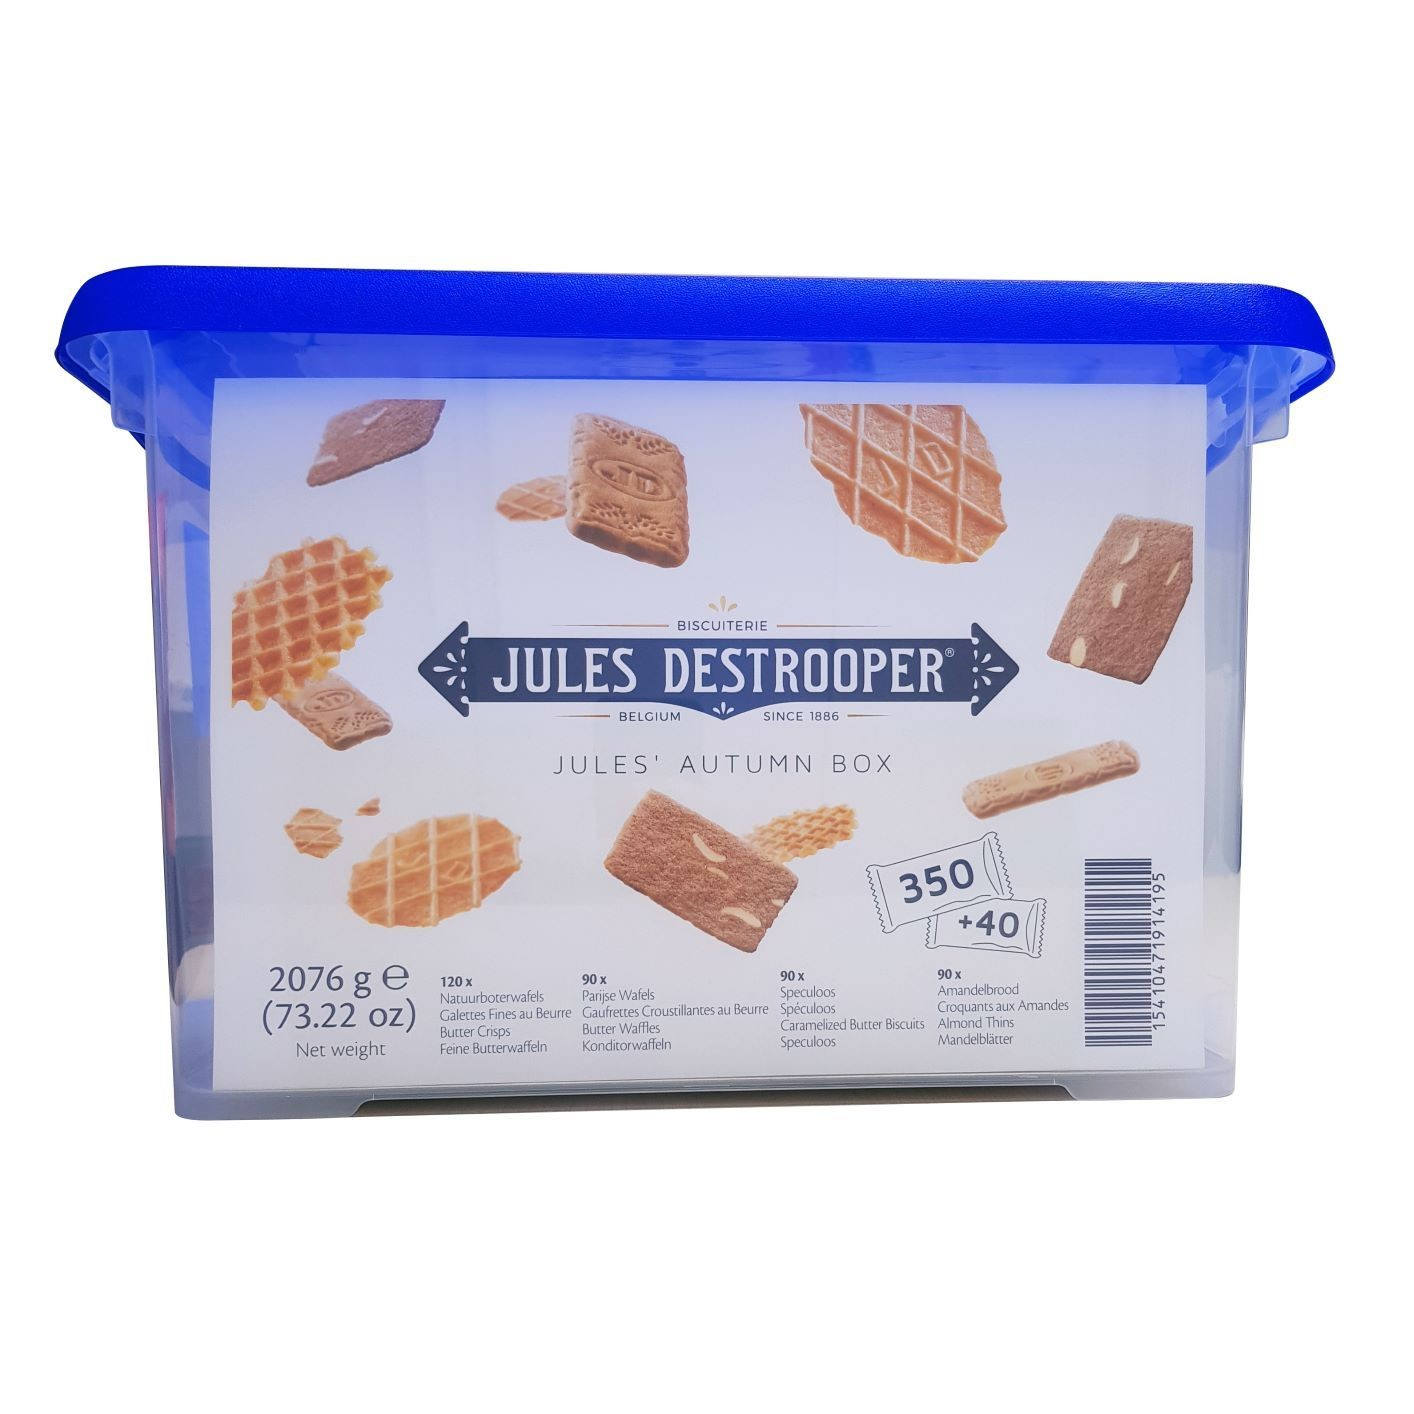 Jules Destrooper Autumn Box 350 + 40 gratis